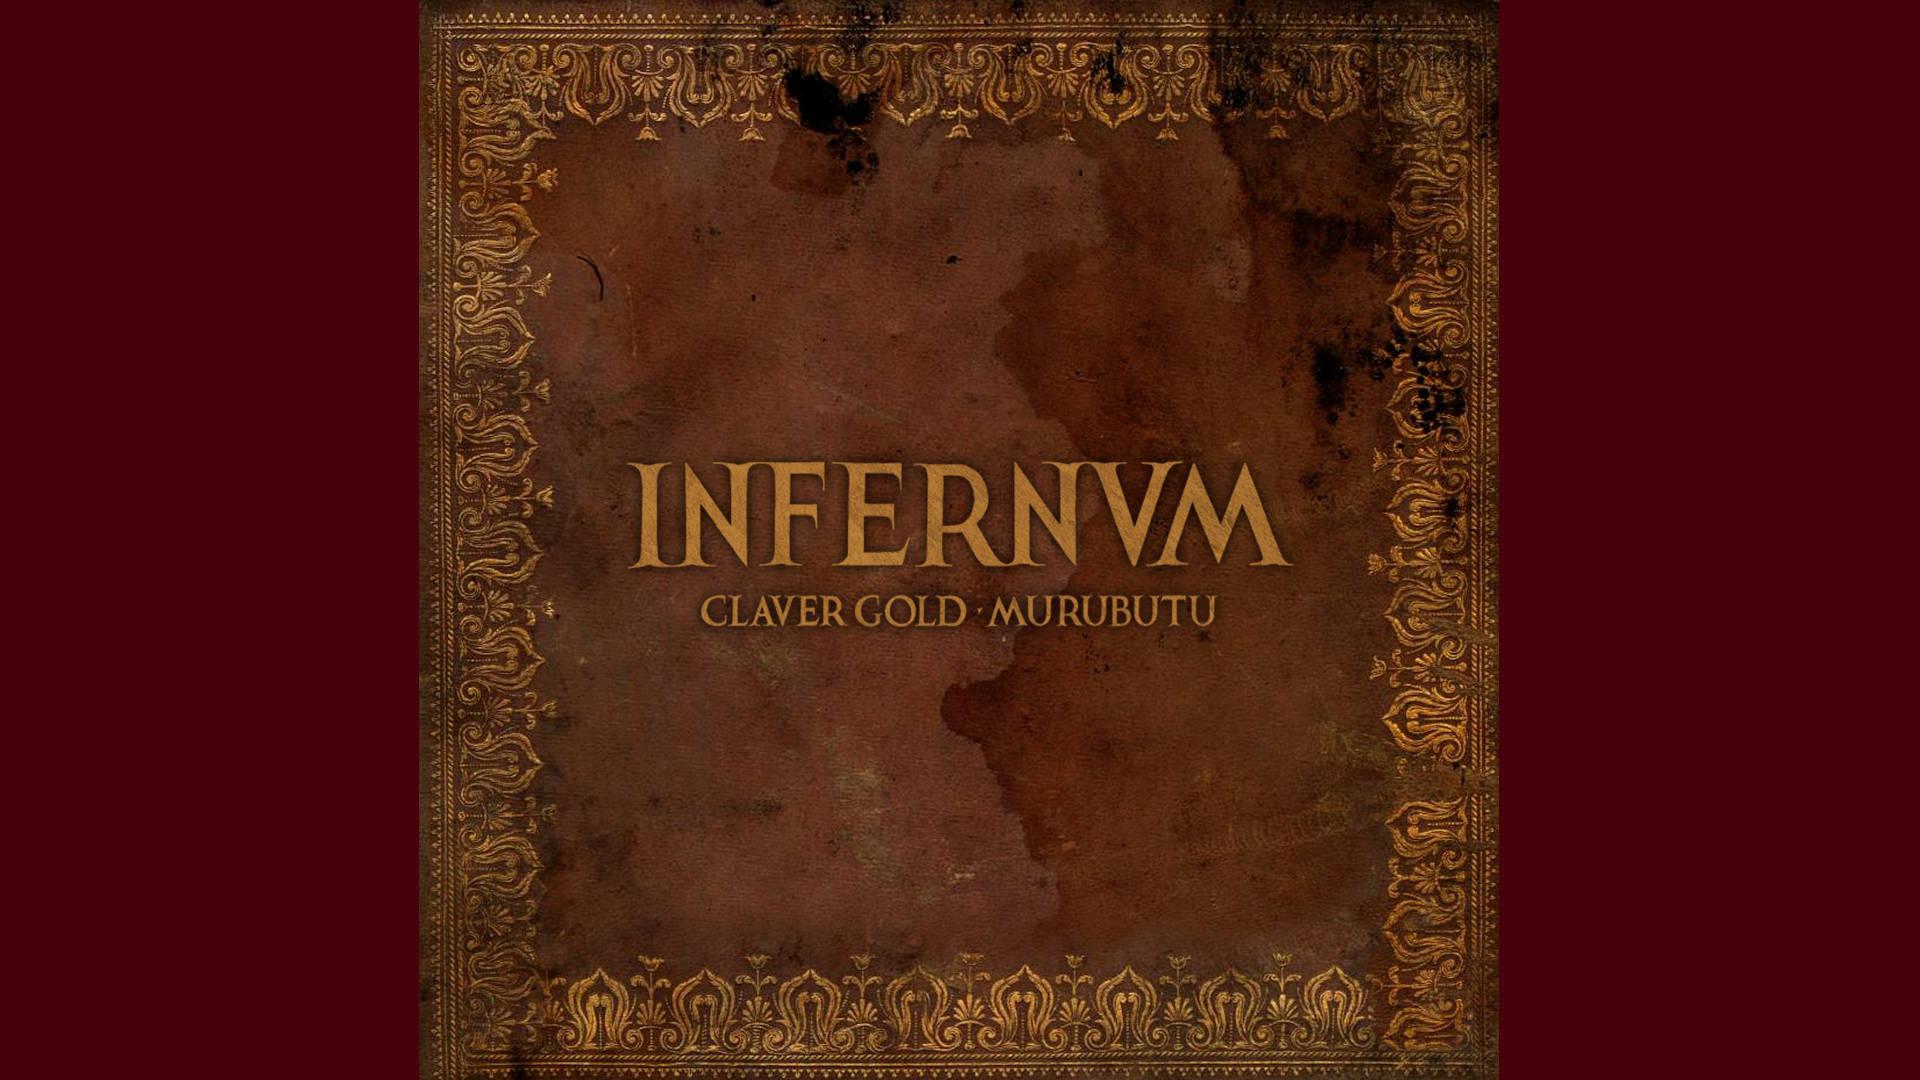 Infernvm: il nuovo album di Claver Gold e Murubutu